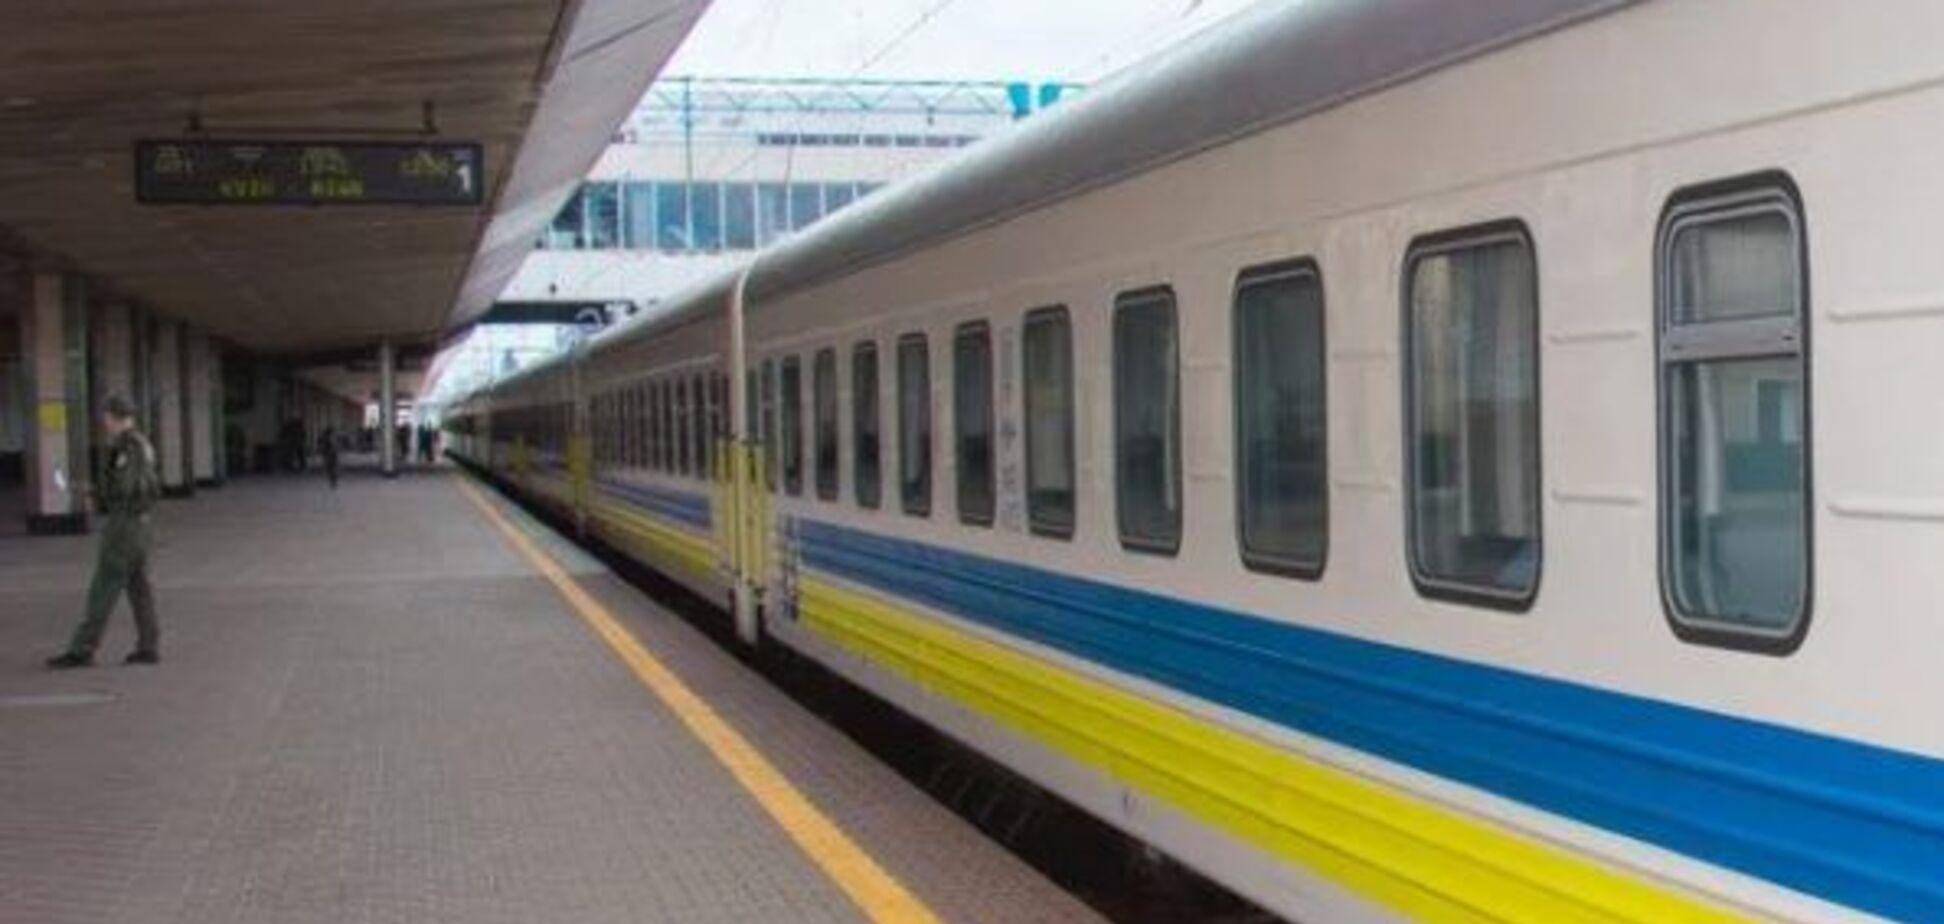 ''Укрзалізниця'' заборонила 11 потягам зупинятися в Тернополі та Луцьку. Джерело: Слово і діло